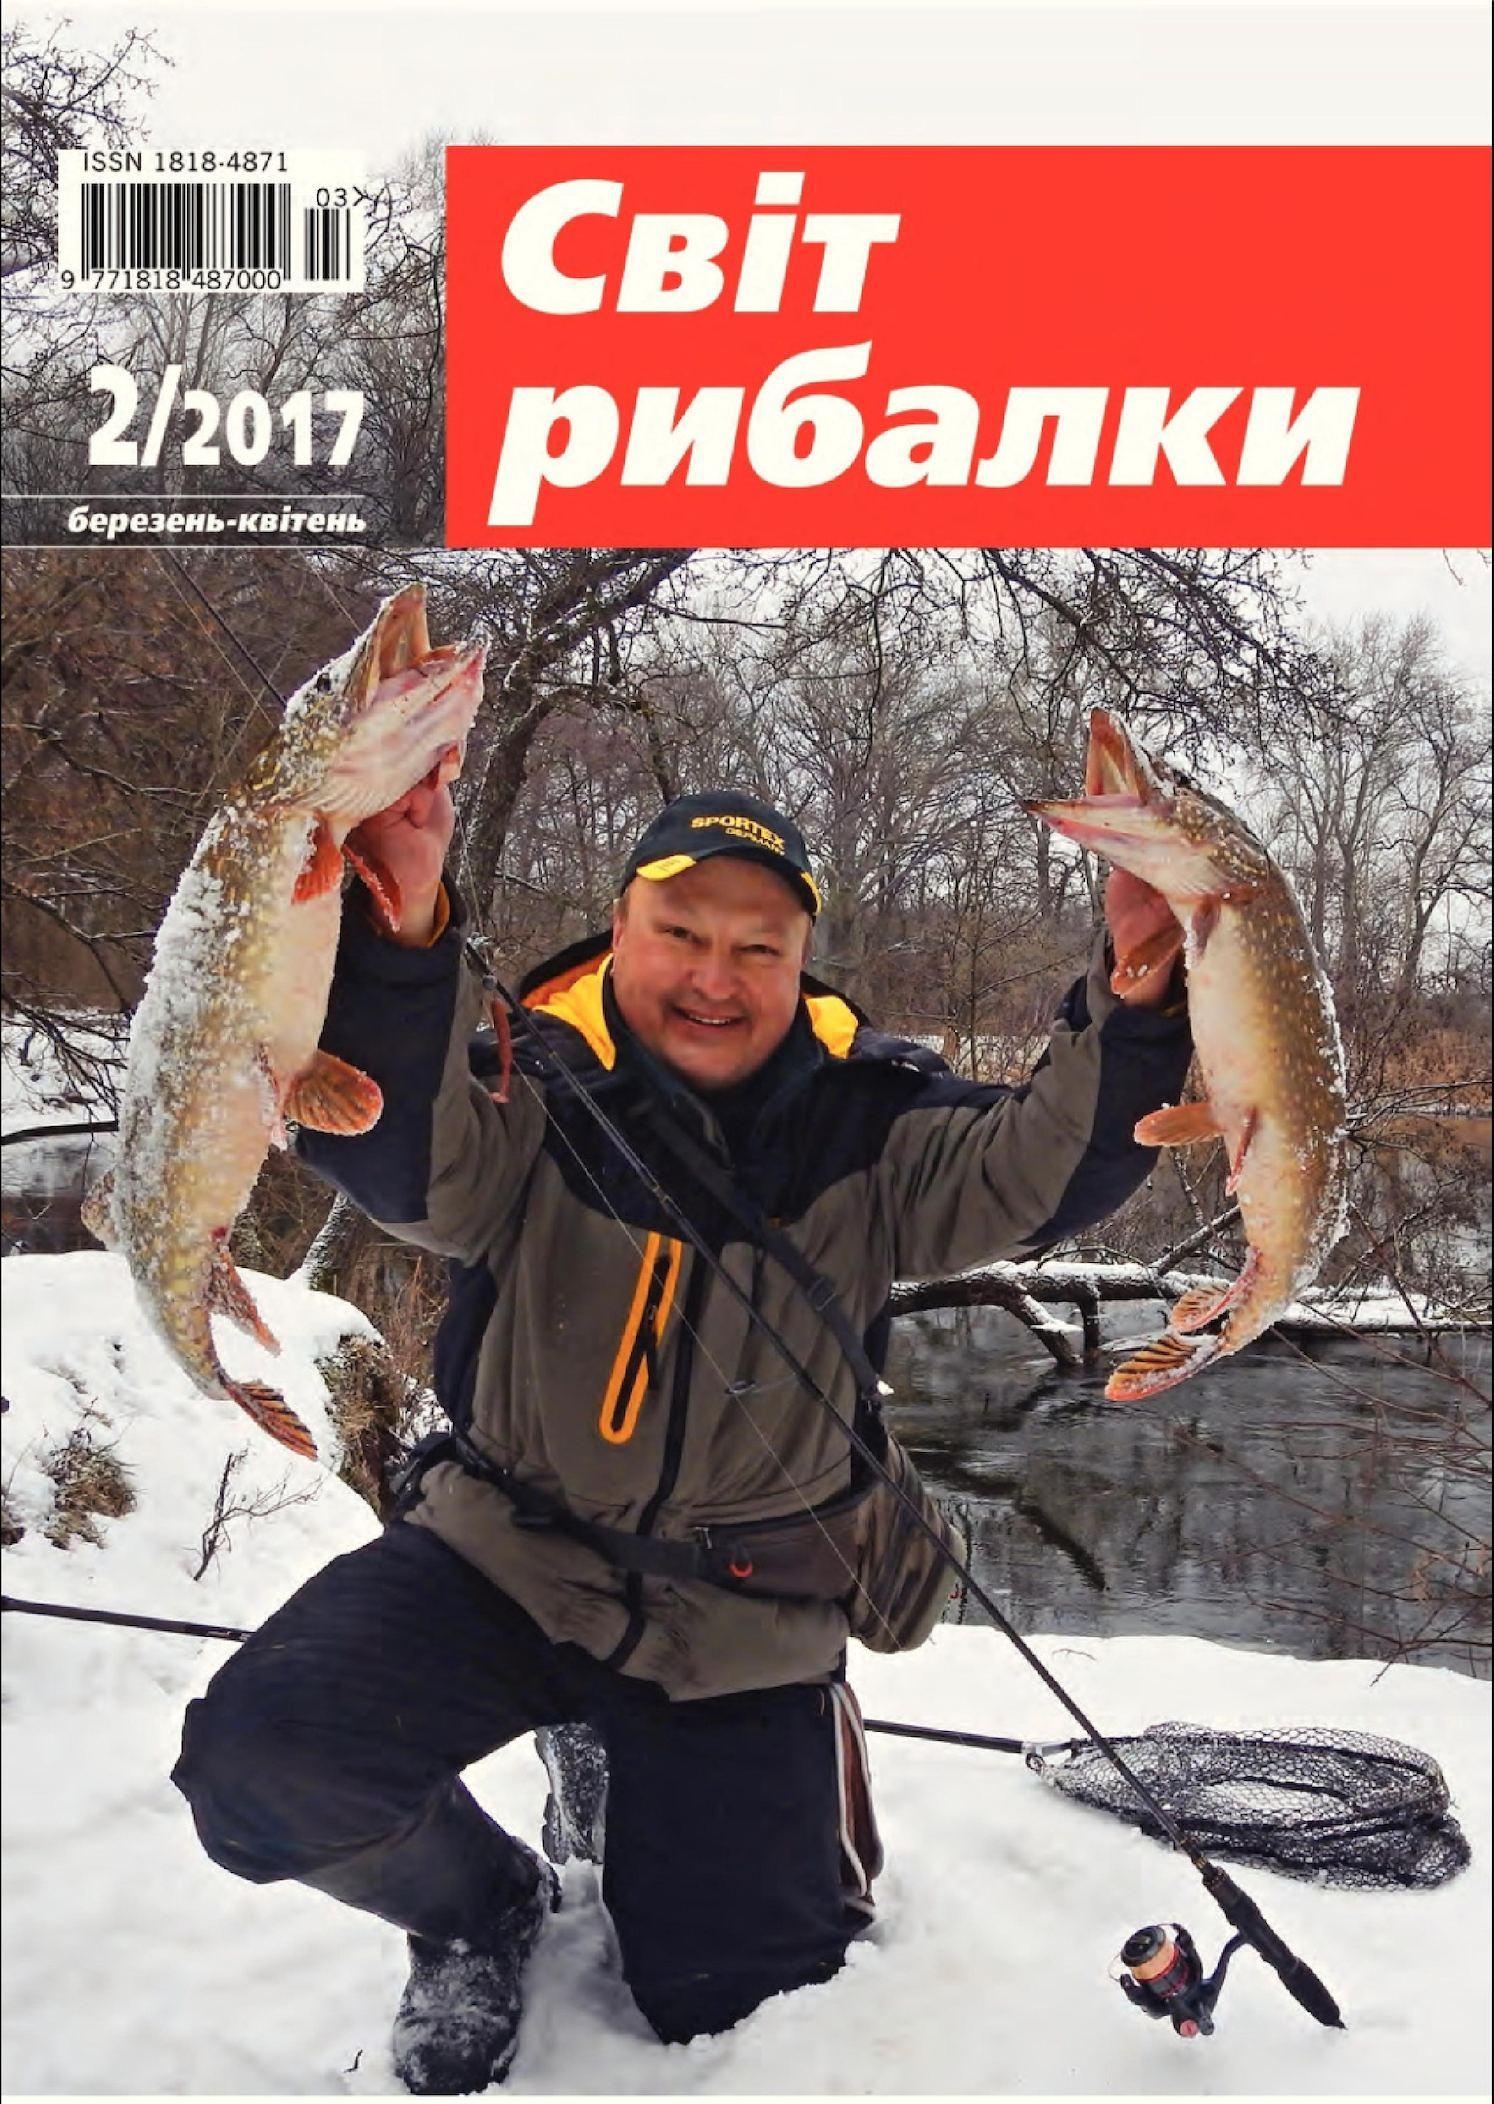 Світ рибалки №2 (март апрель 2017)